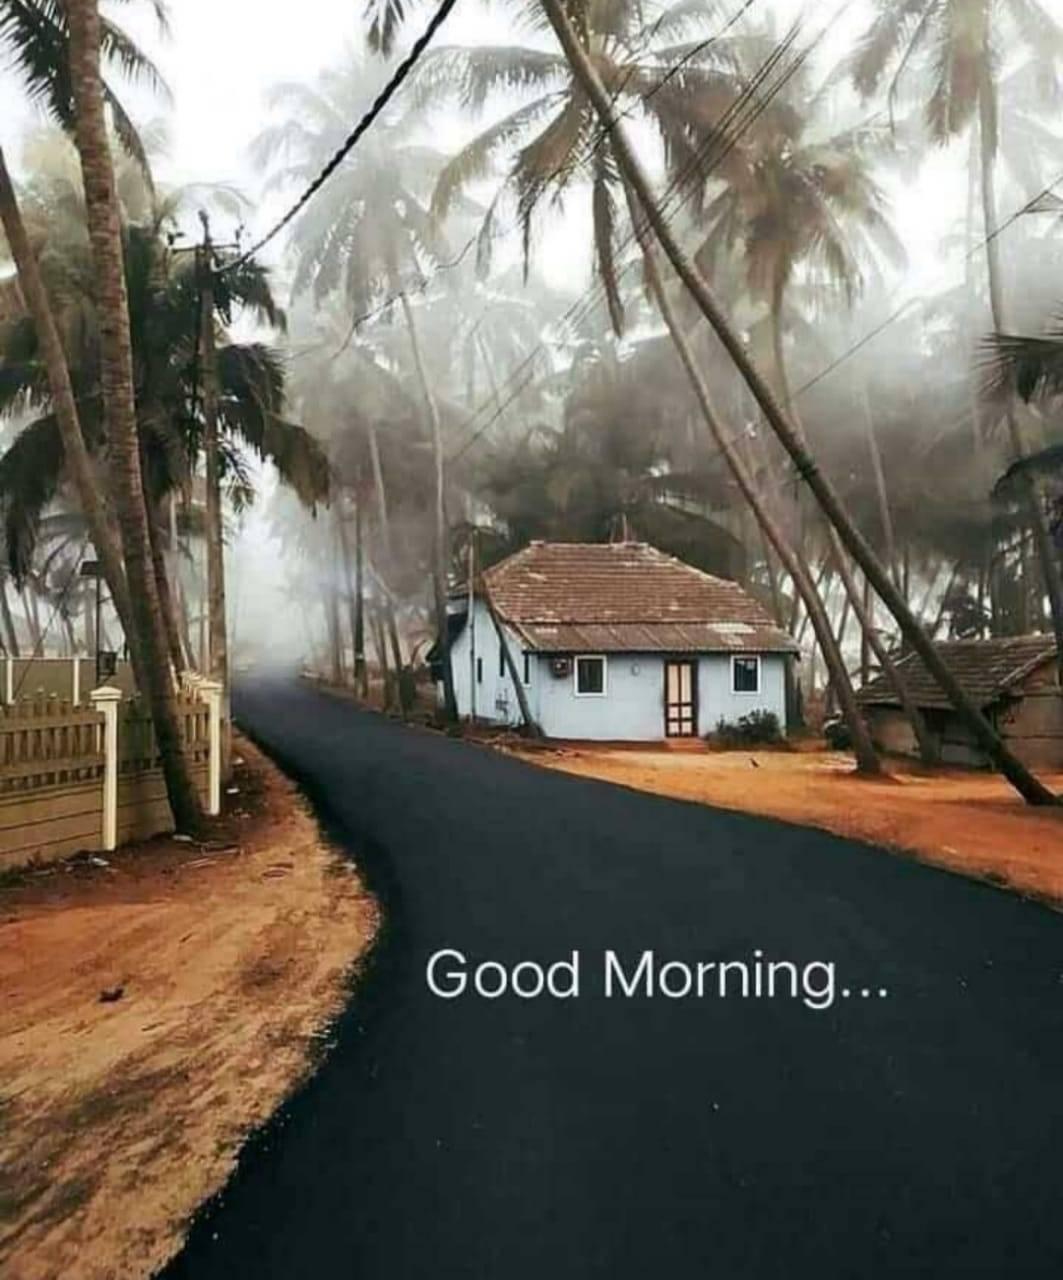 Good Morning Village